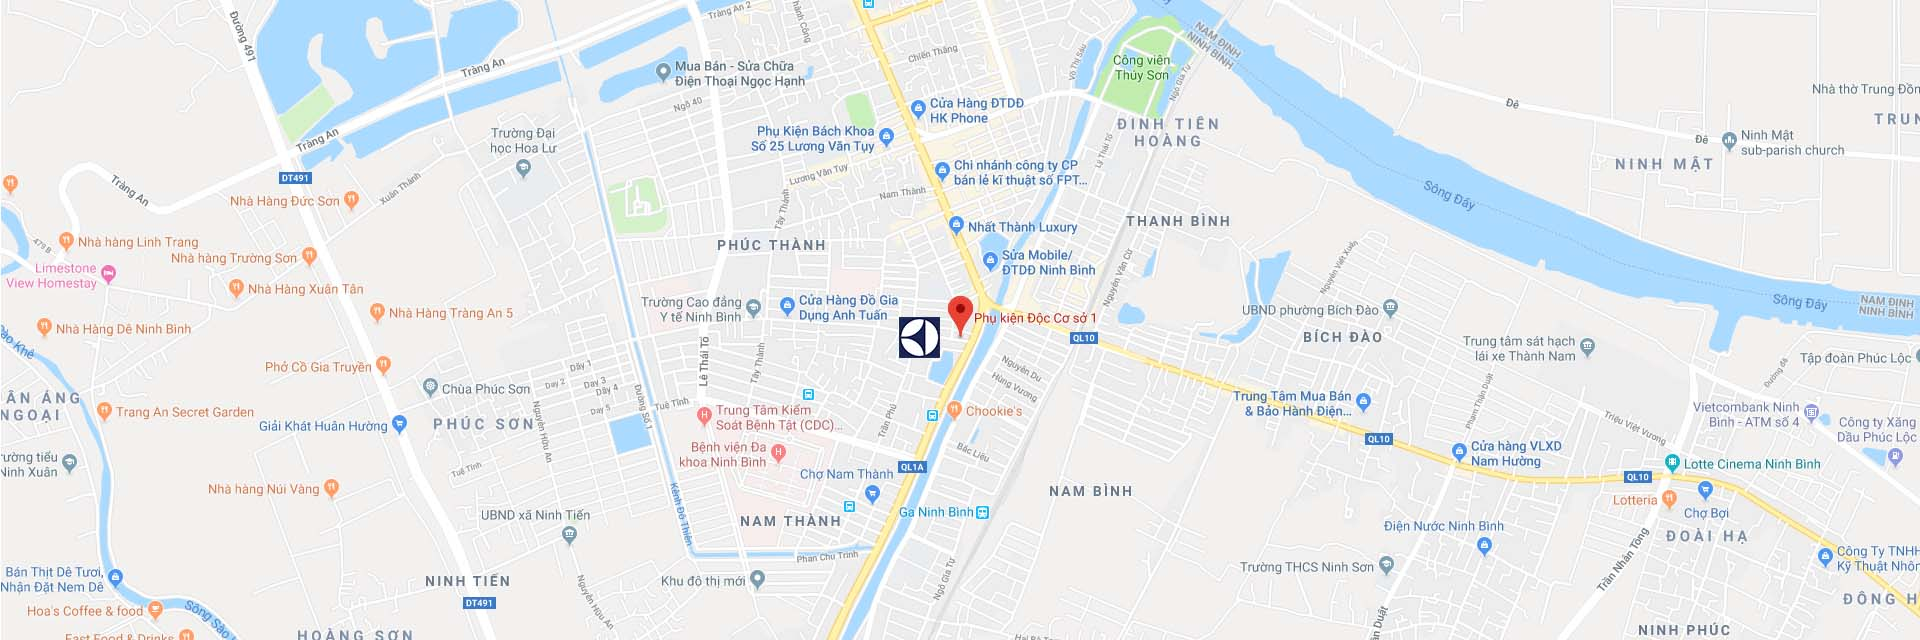 Google Maps trung tâm sửa máy giặt Electrolux tại Ninh Bình